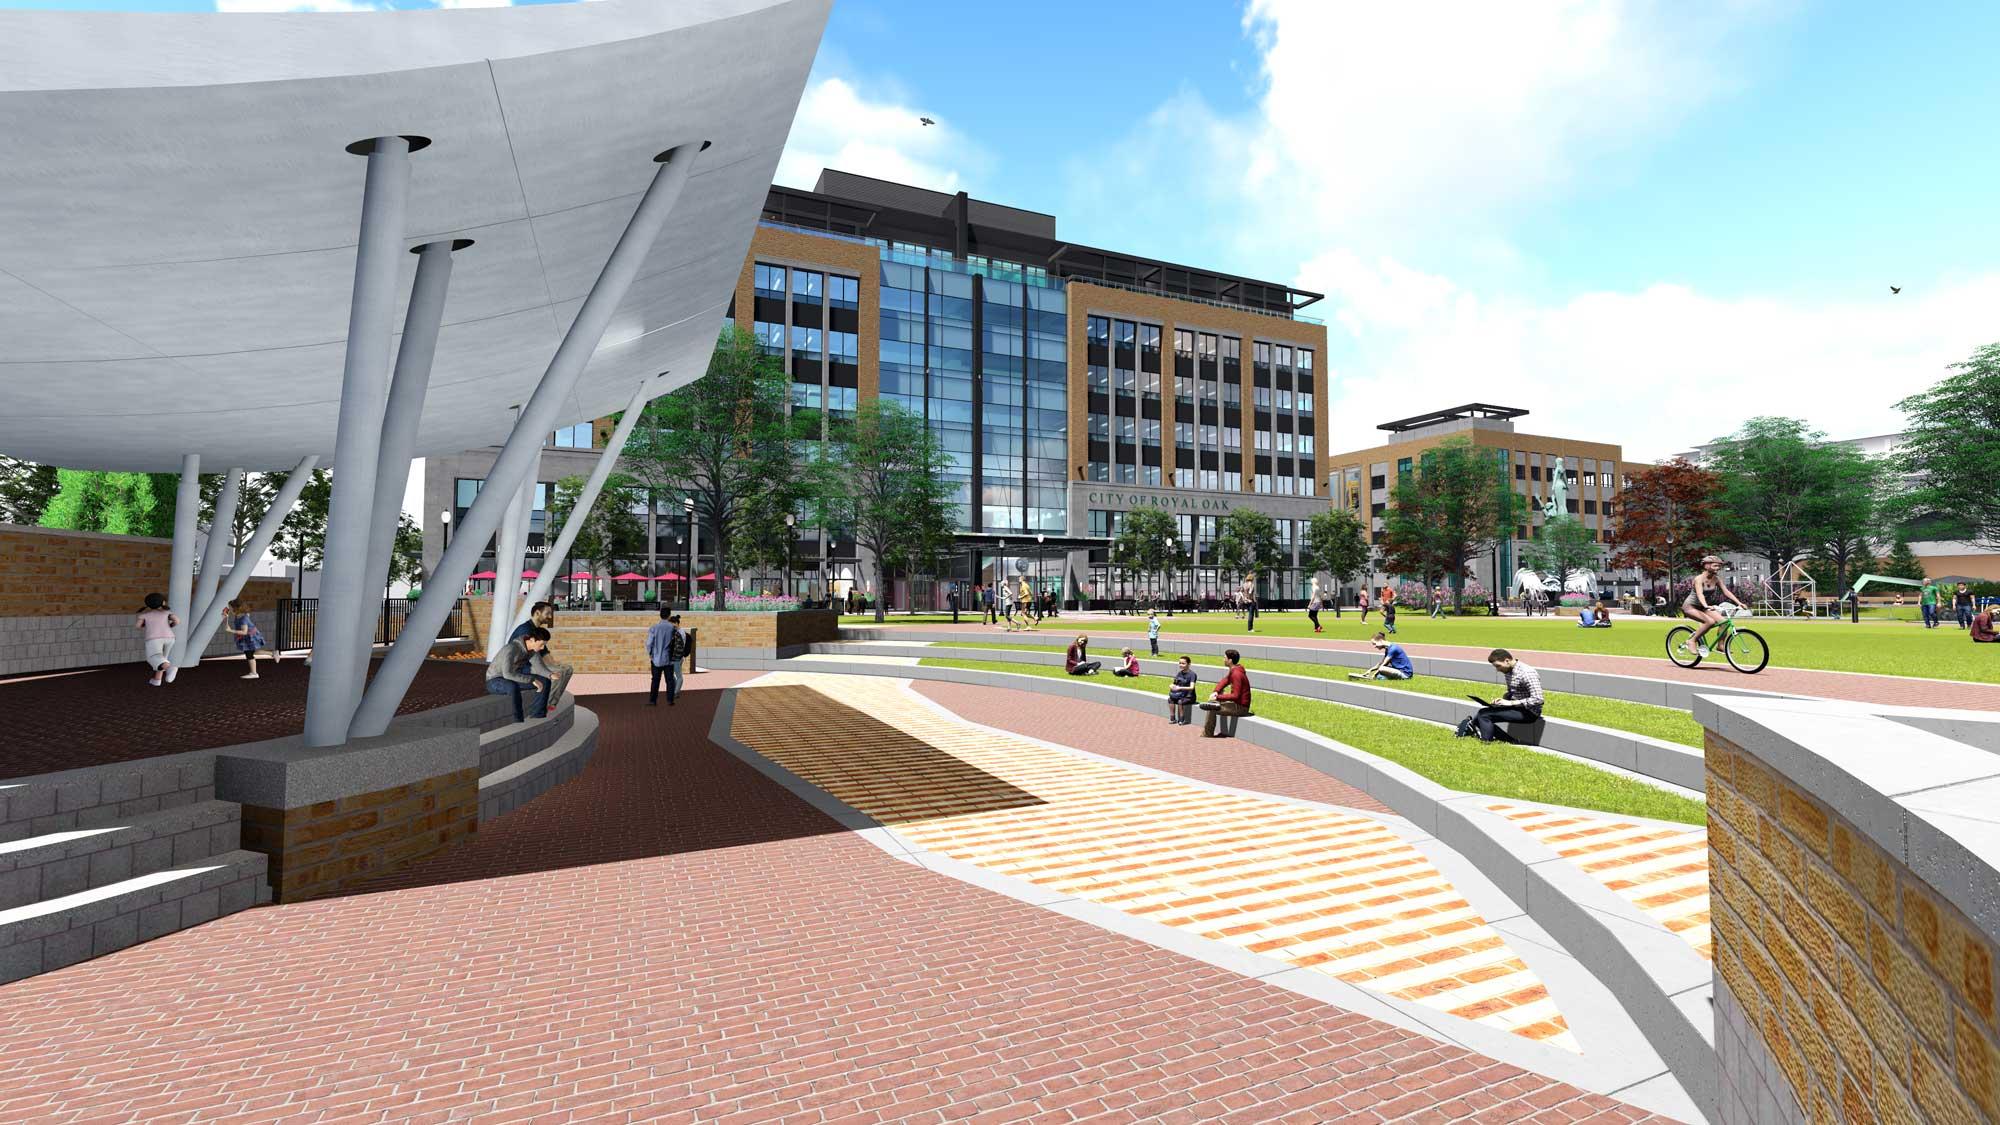 Royal Oak City Center from Bandshell